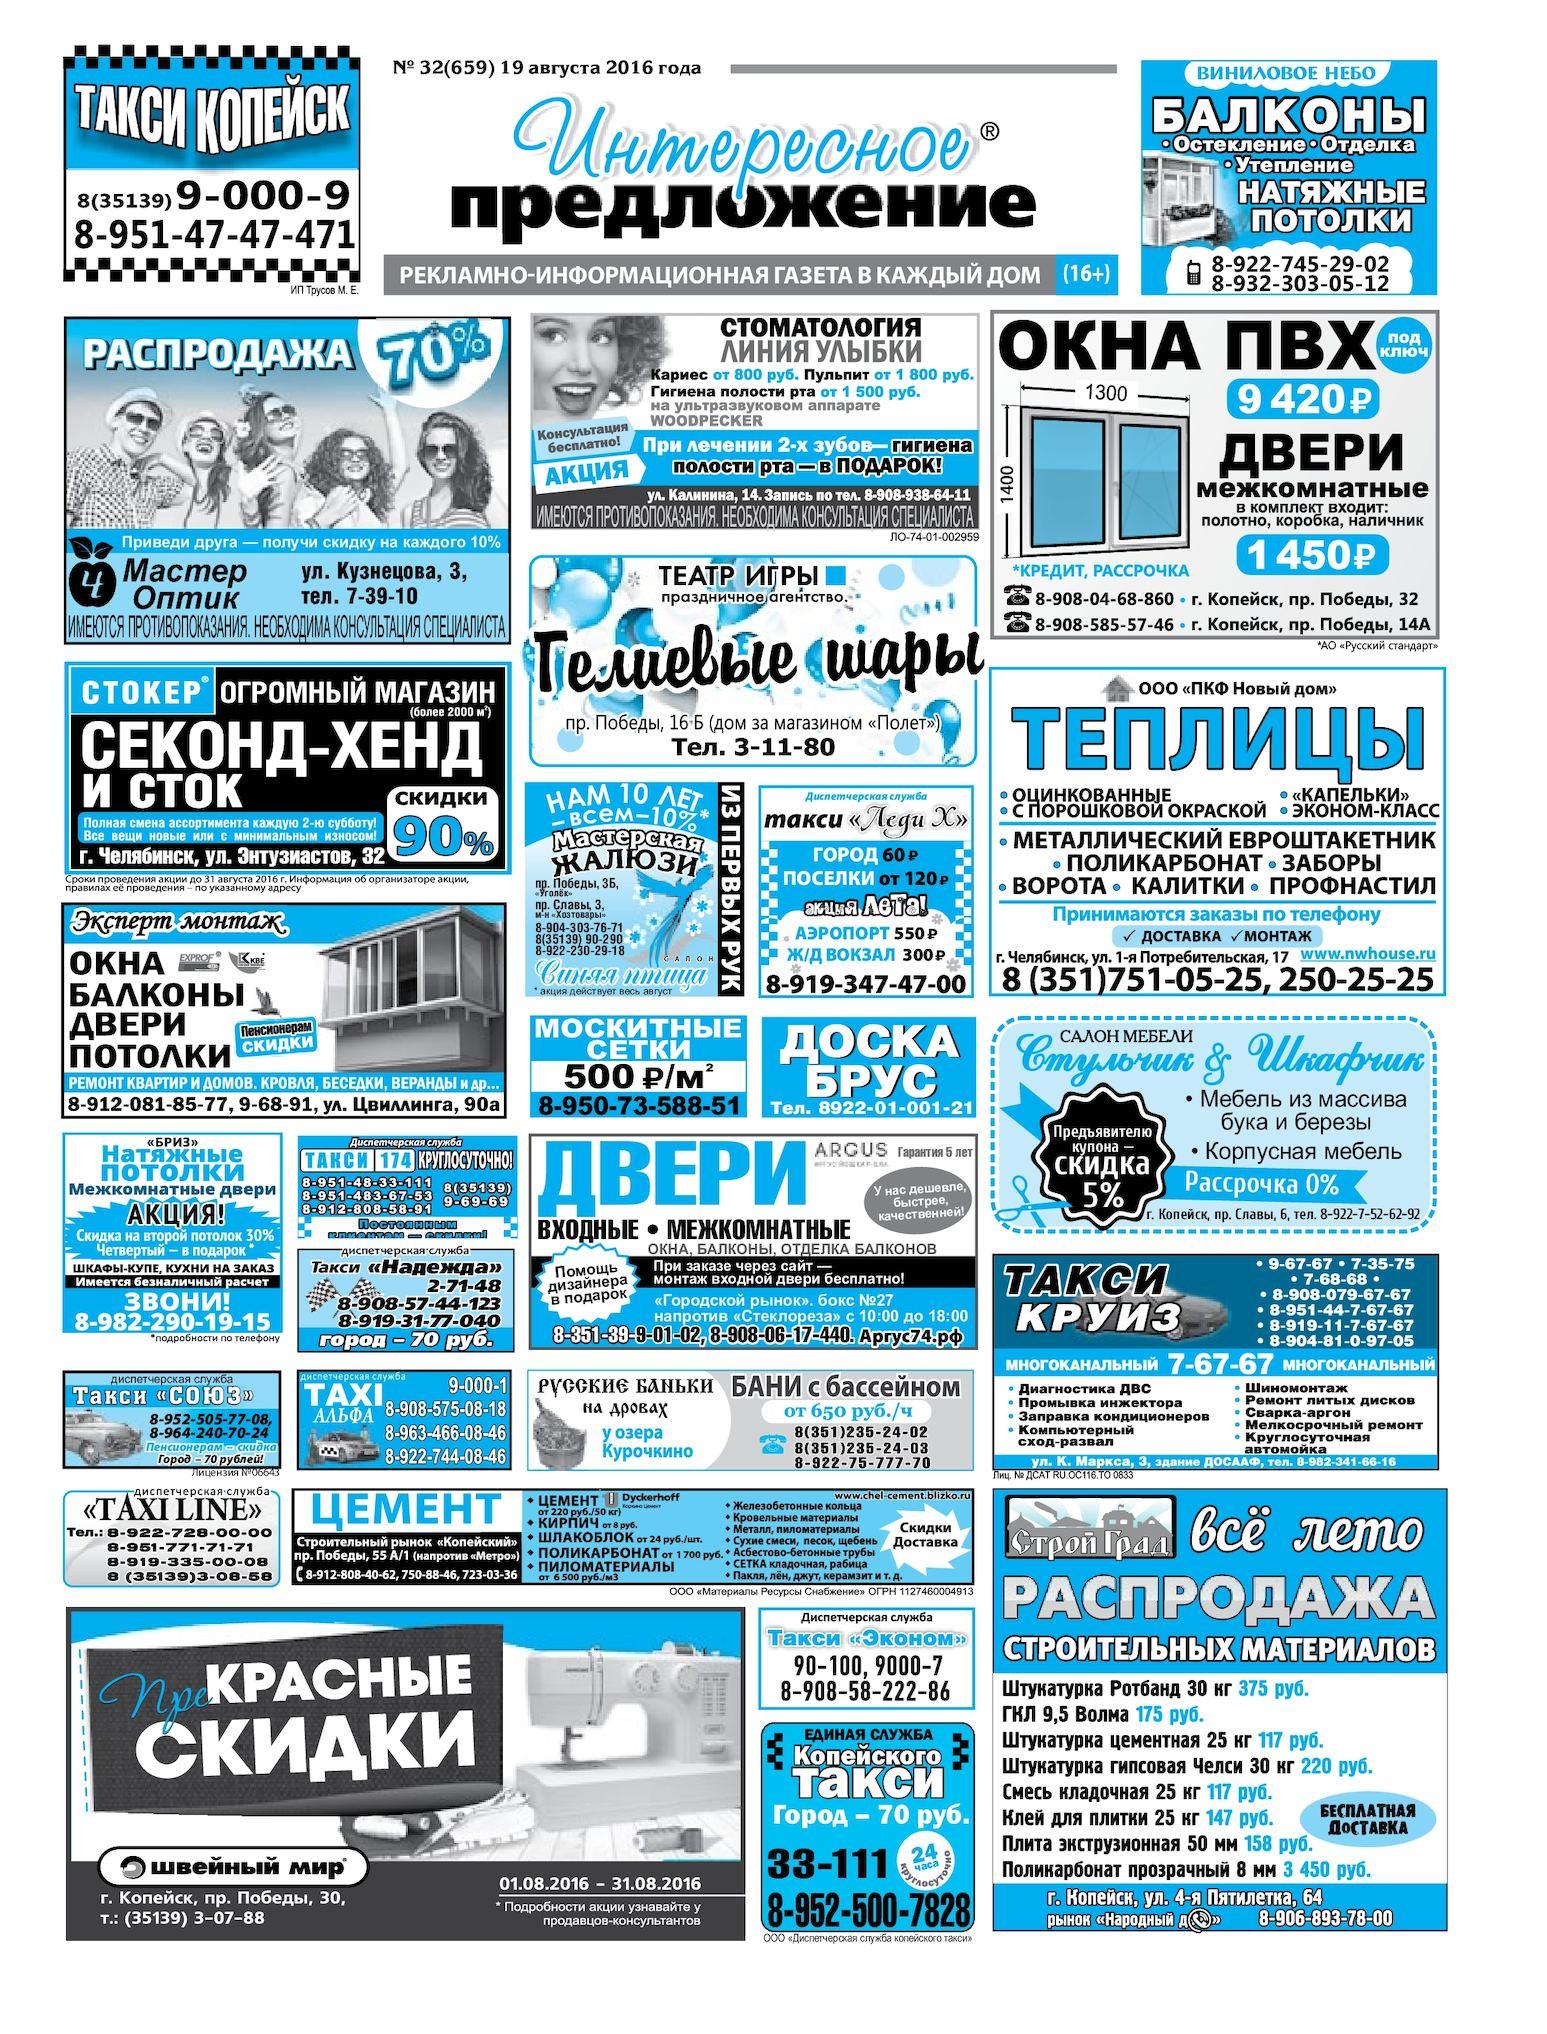 Кредит европа банк невский 137